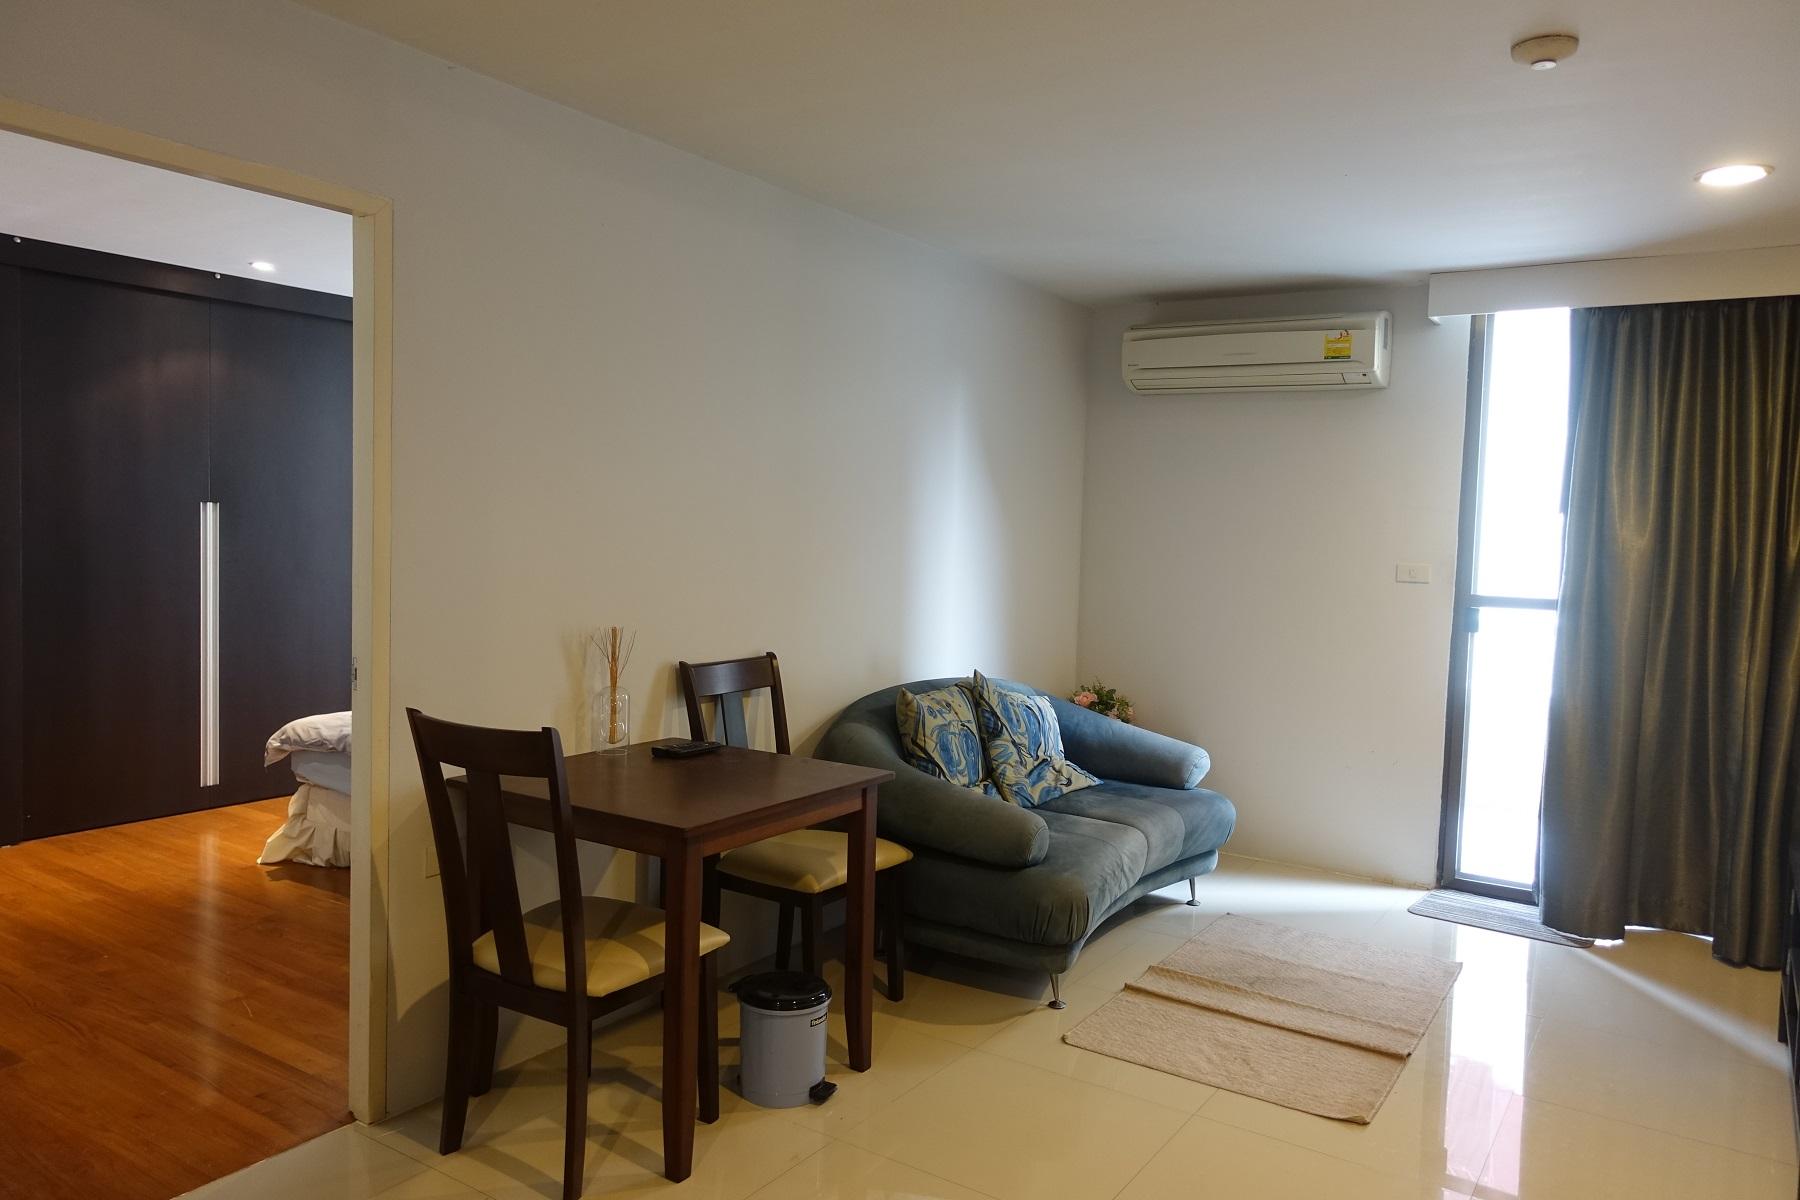 Asoke-Tower-1-bedroom-rent-living-area